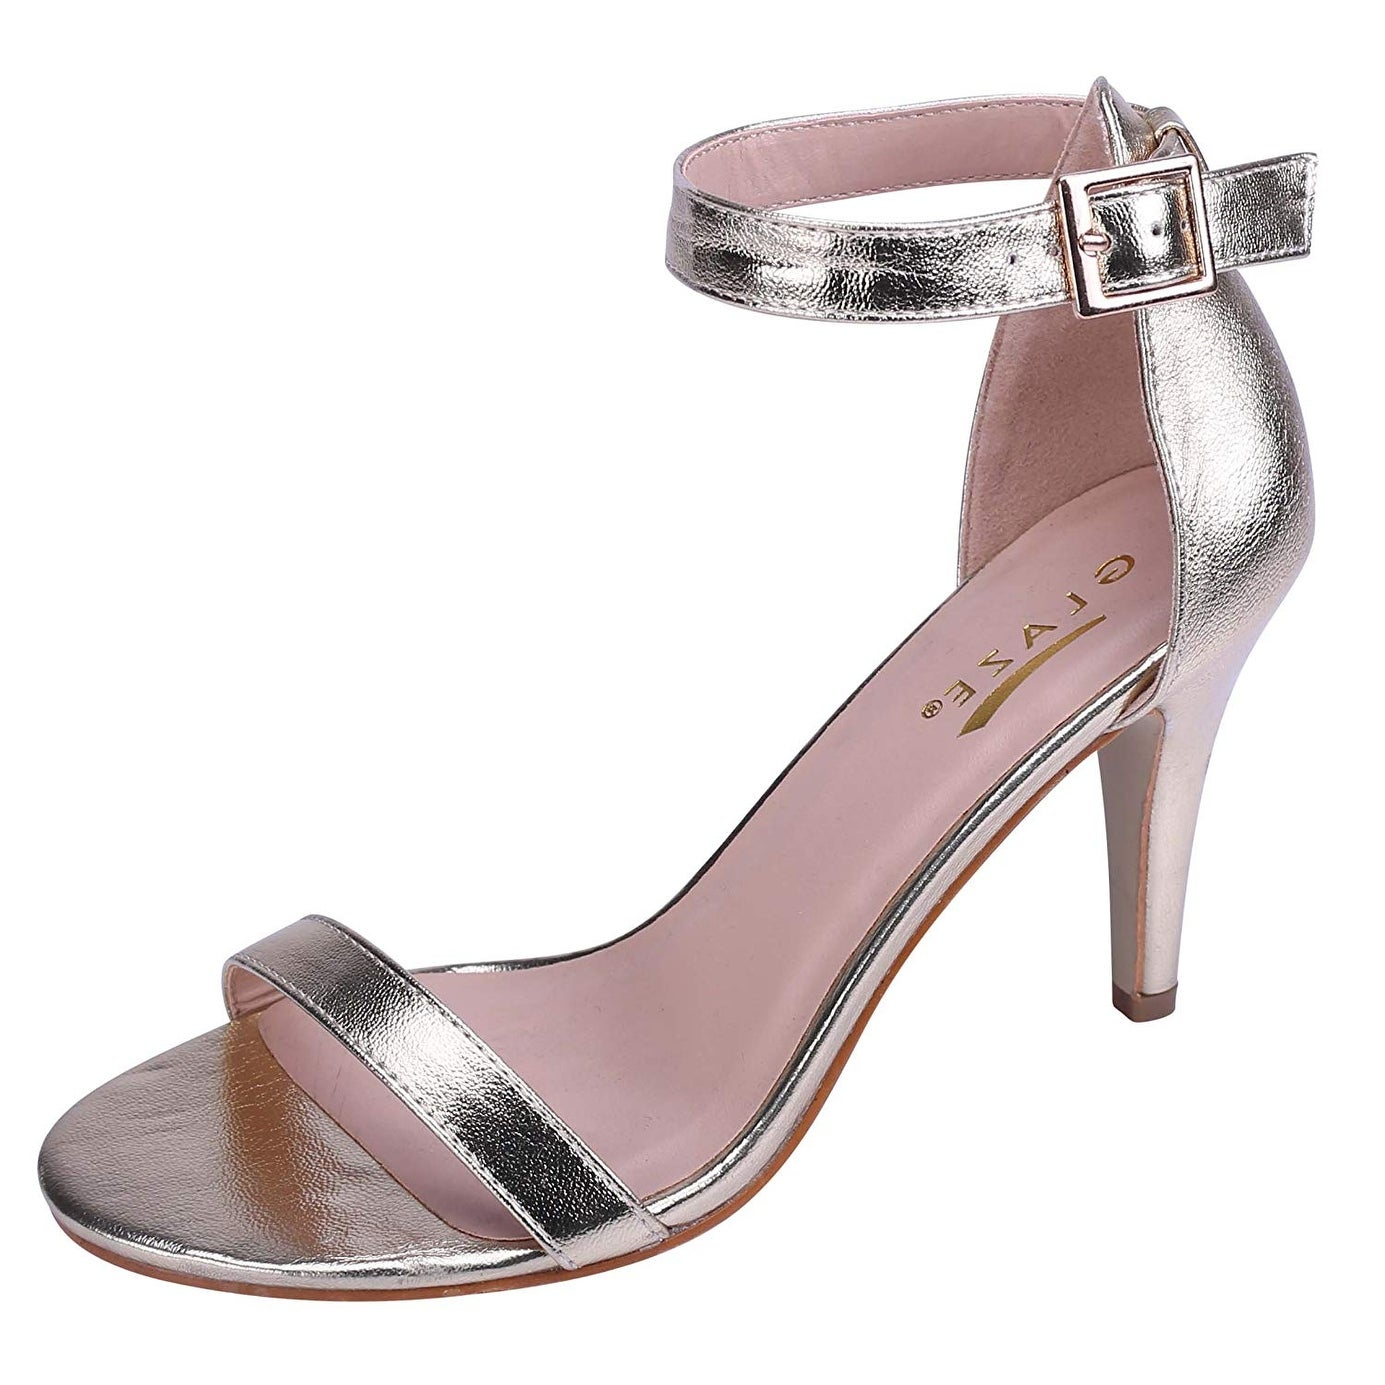 strappy open toe stiletto sandals